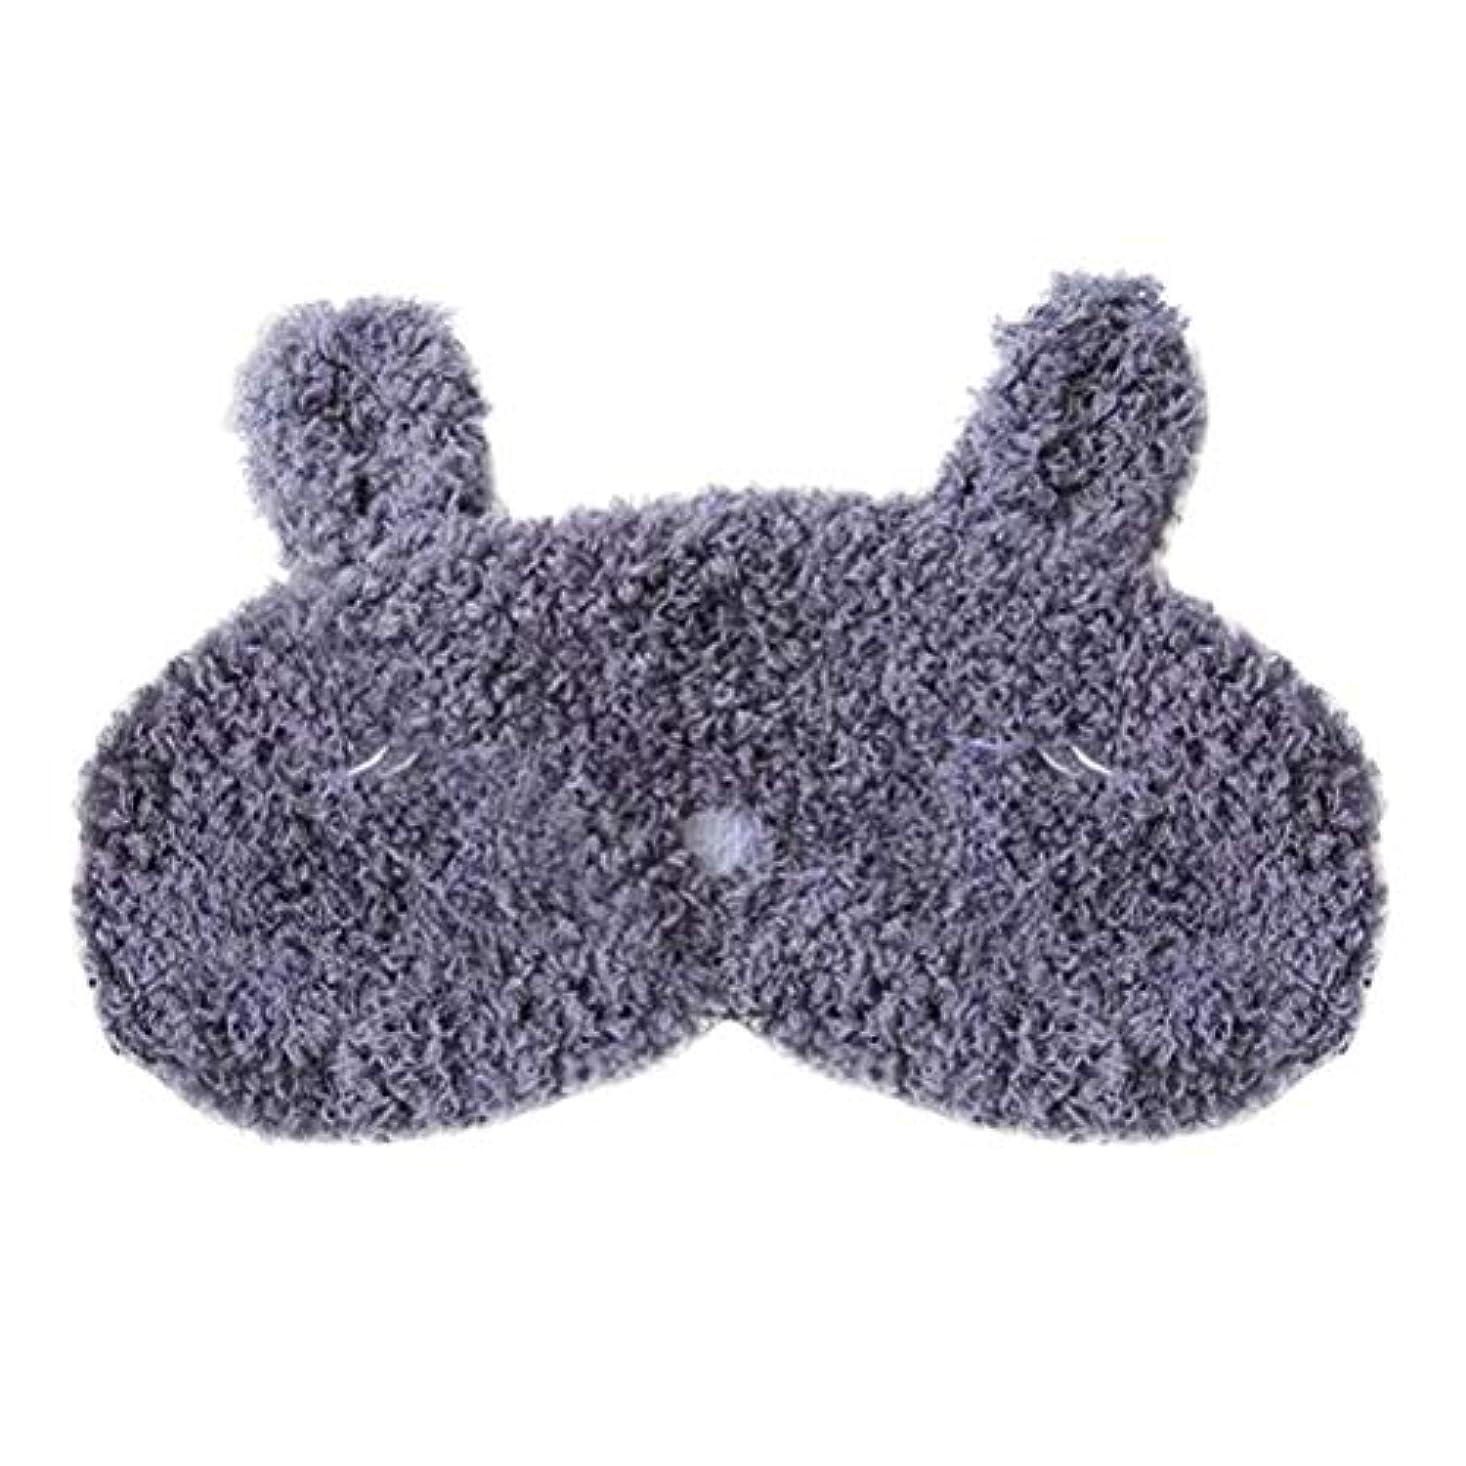 耳南方の苦味Healifty かわいいアイマスクアイシェッドカーネーションアイマスクウサギのキャットアイパッチ(睡眠ニップ(ネイビー)